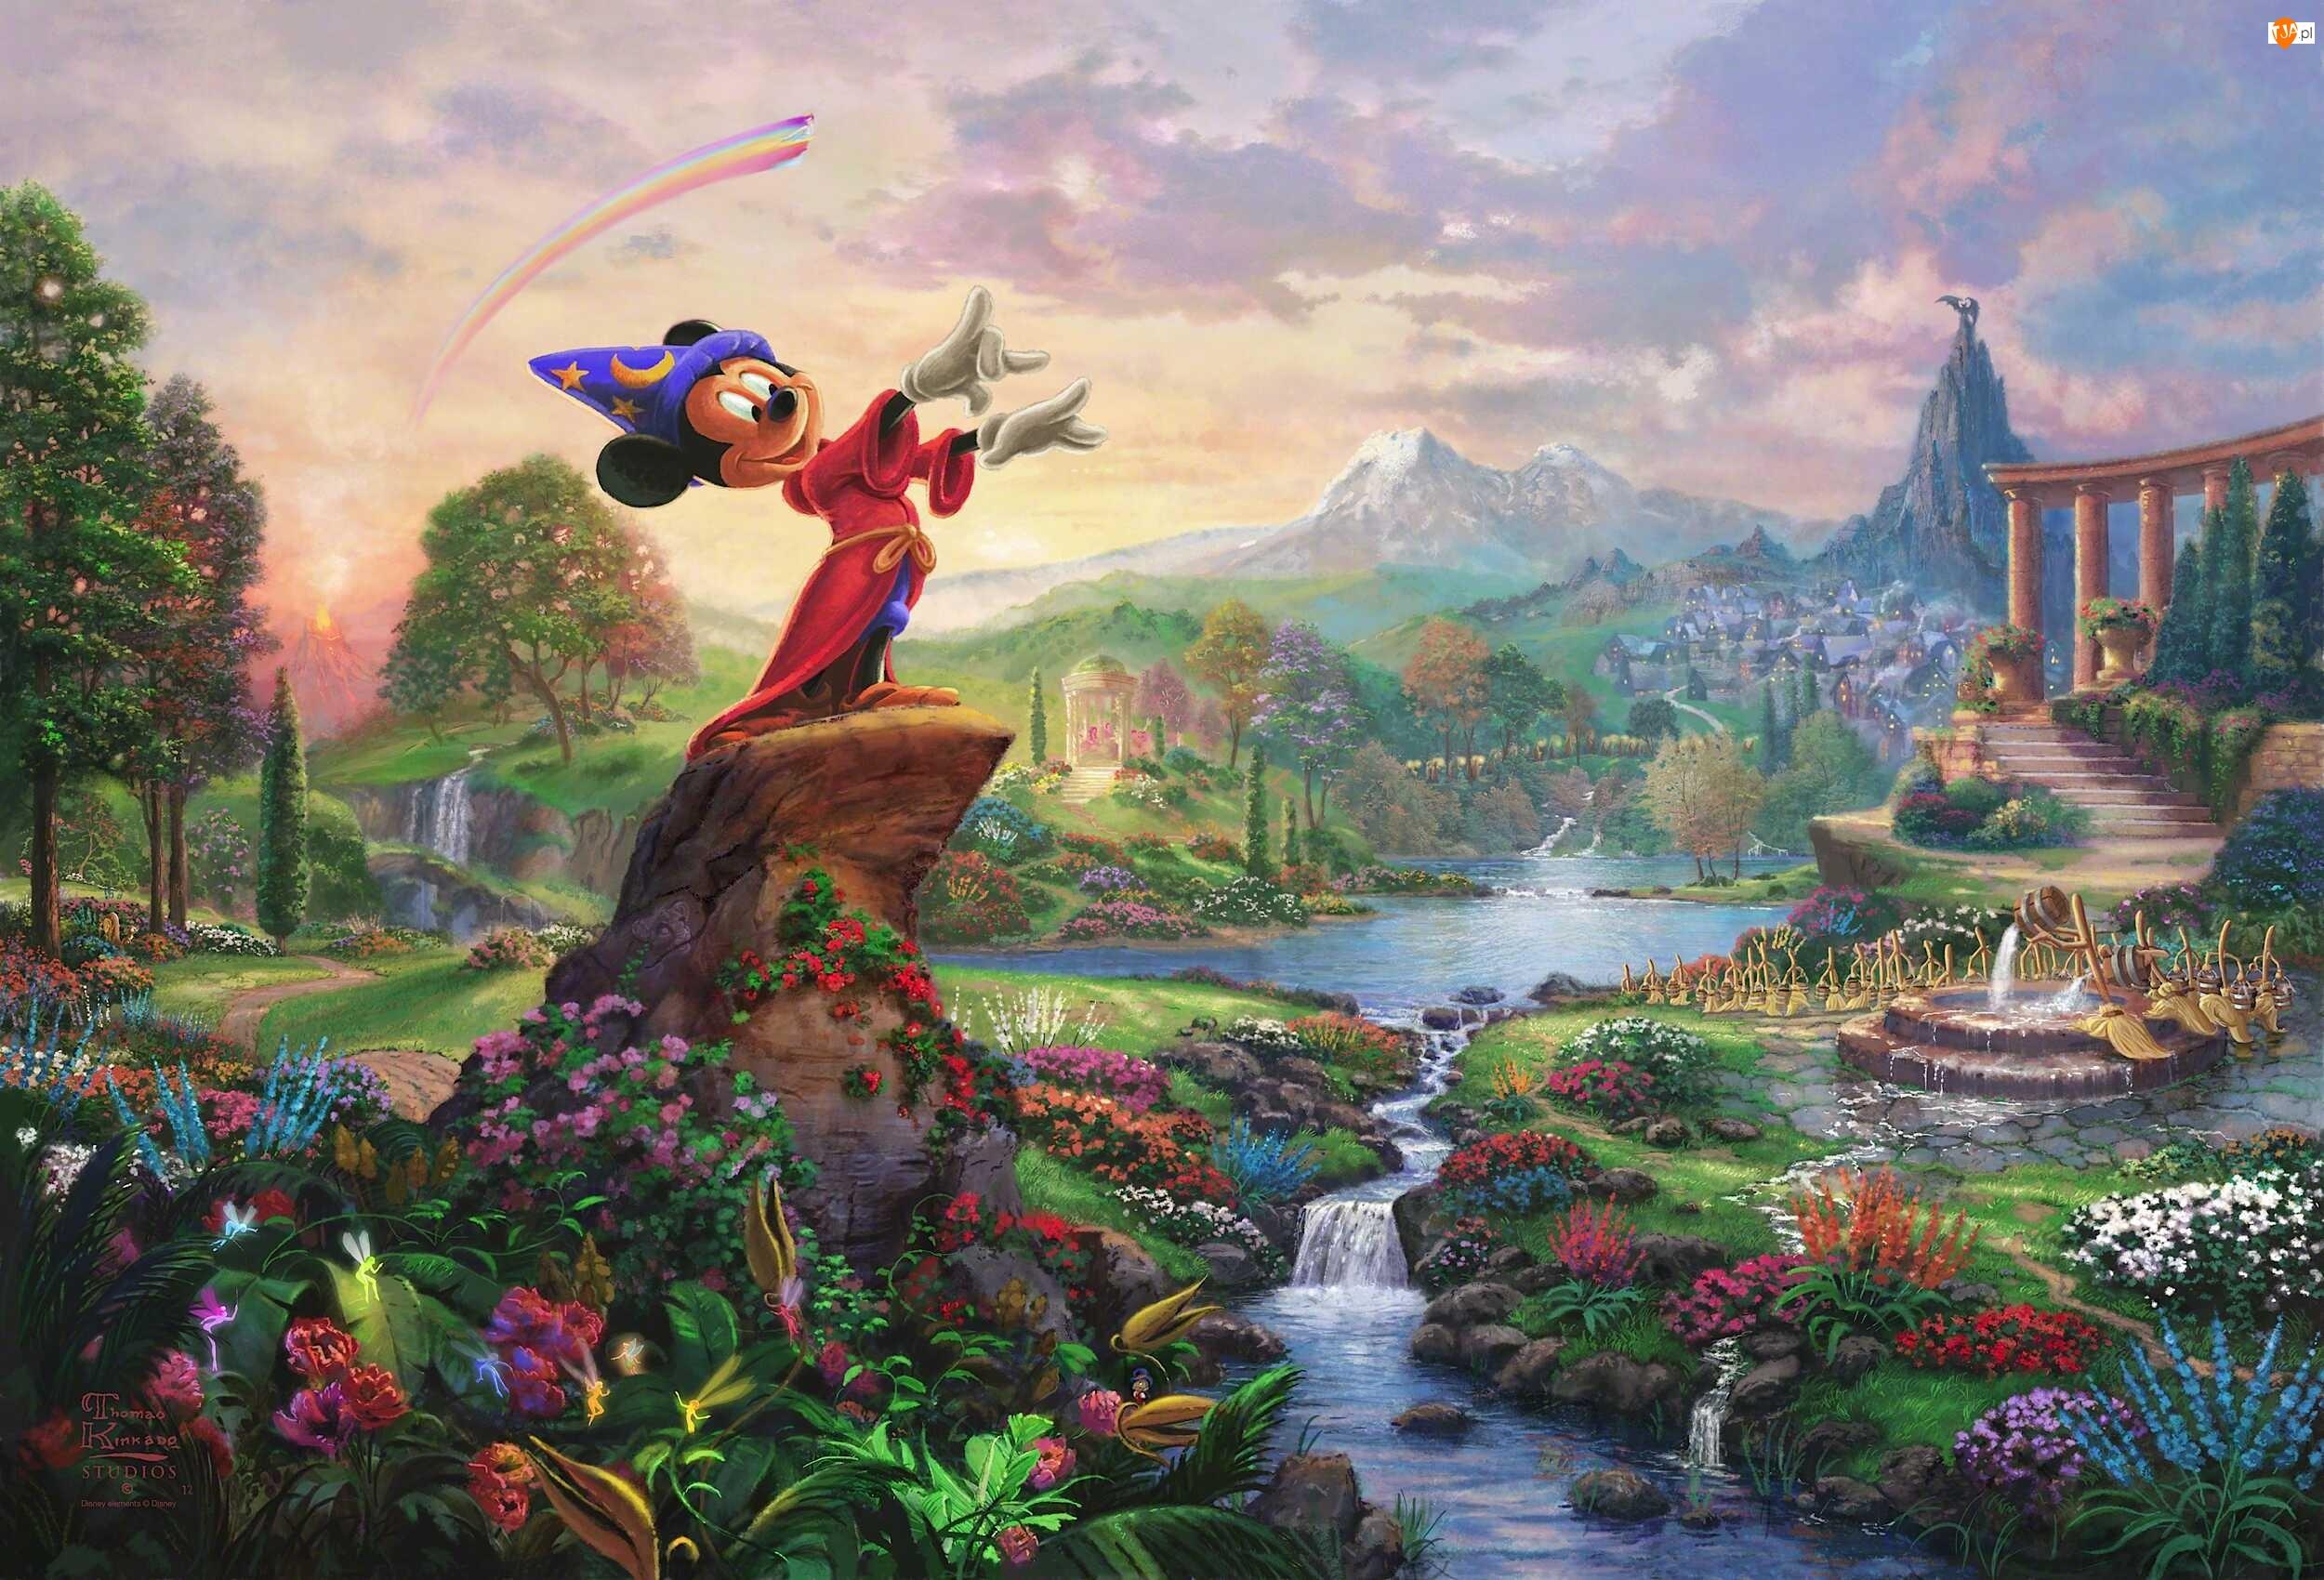 Malarstwo, Disney, Thomas Kinkade, Myszka Miki